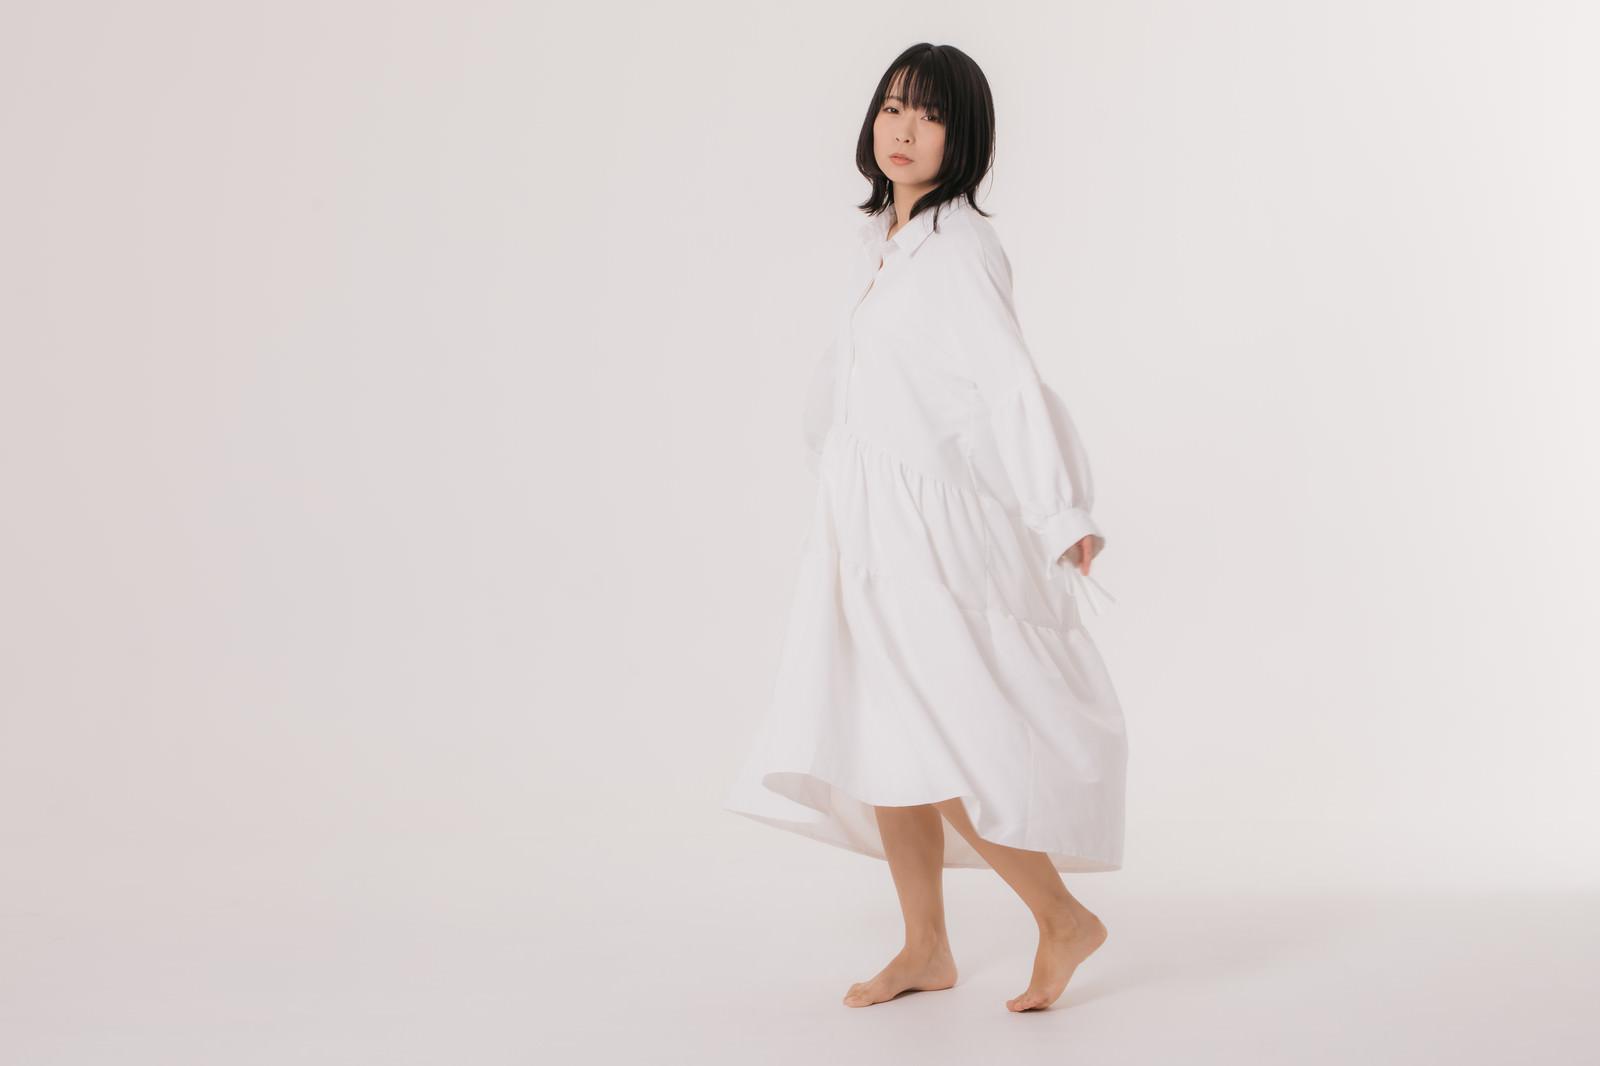 「寂しげな表情で見つめる白いワンピースの女性」の写真[モデル:にゃるる]